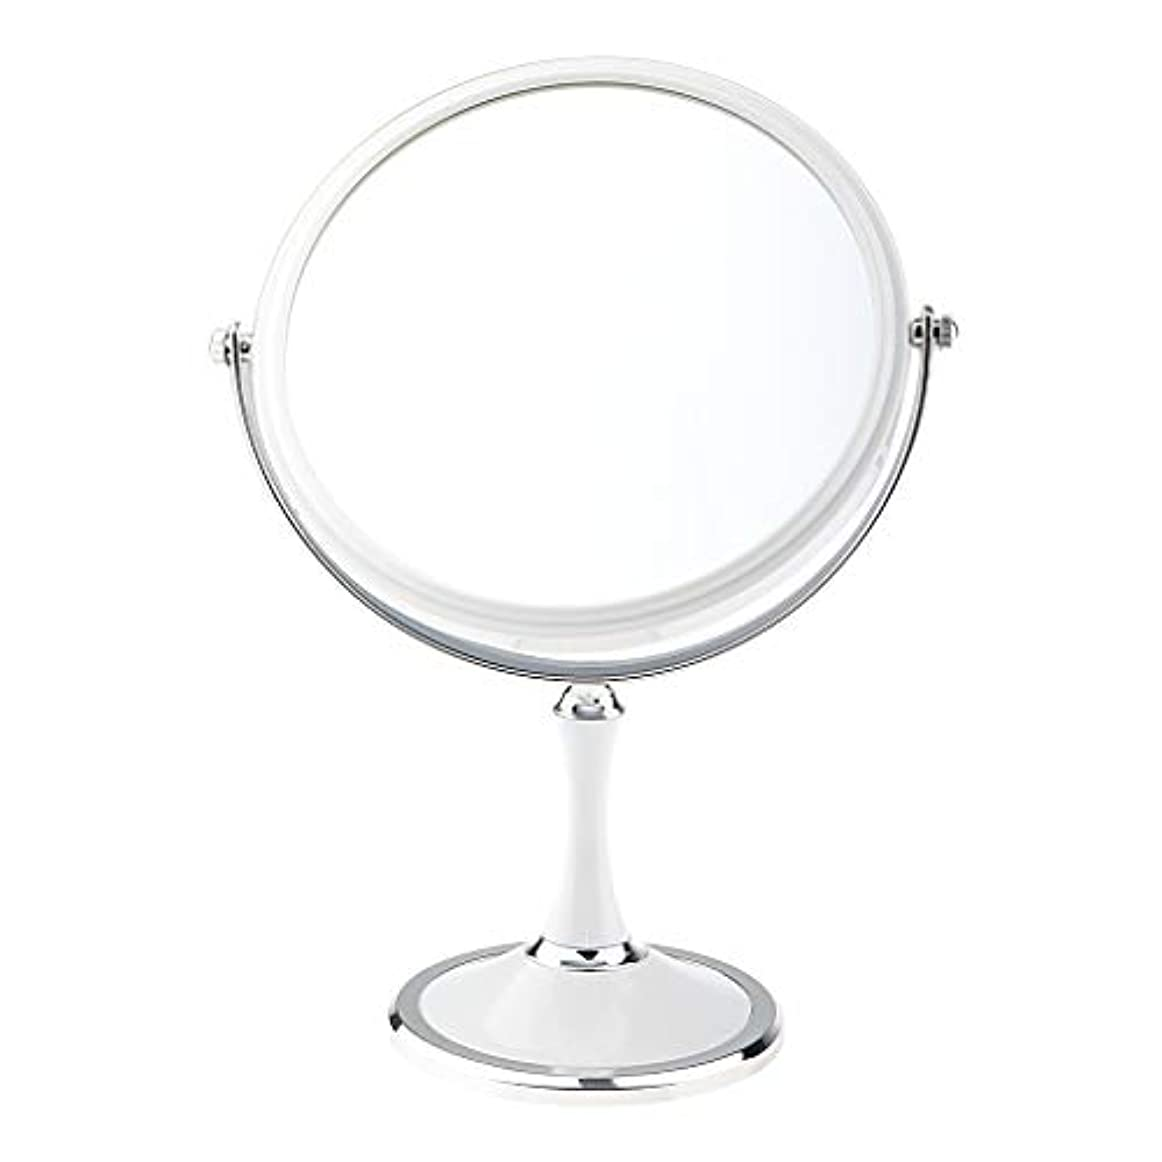 毎月バレーボール意味するT TOOYFUL 化粧鏡 美容メイクアップ化粧ミラー&デュアルサイド1X / 3X拡大鏡スタンド - 白